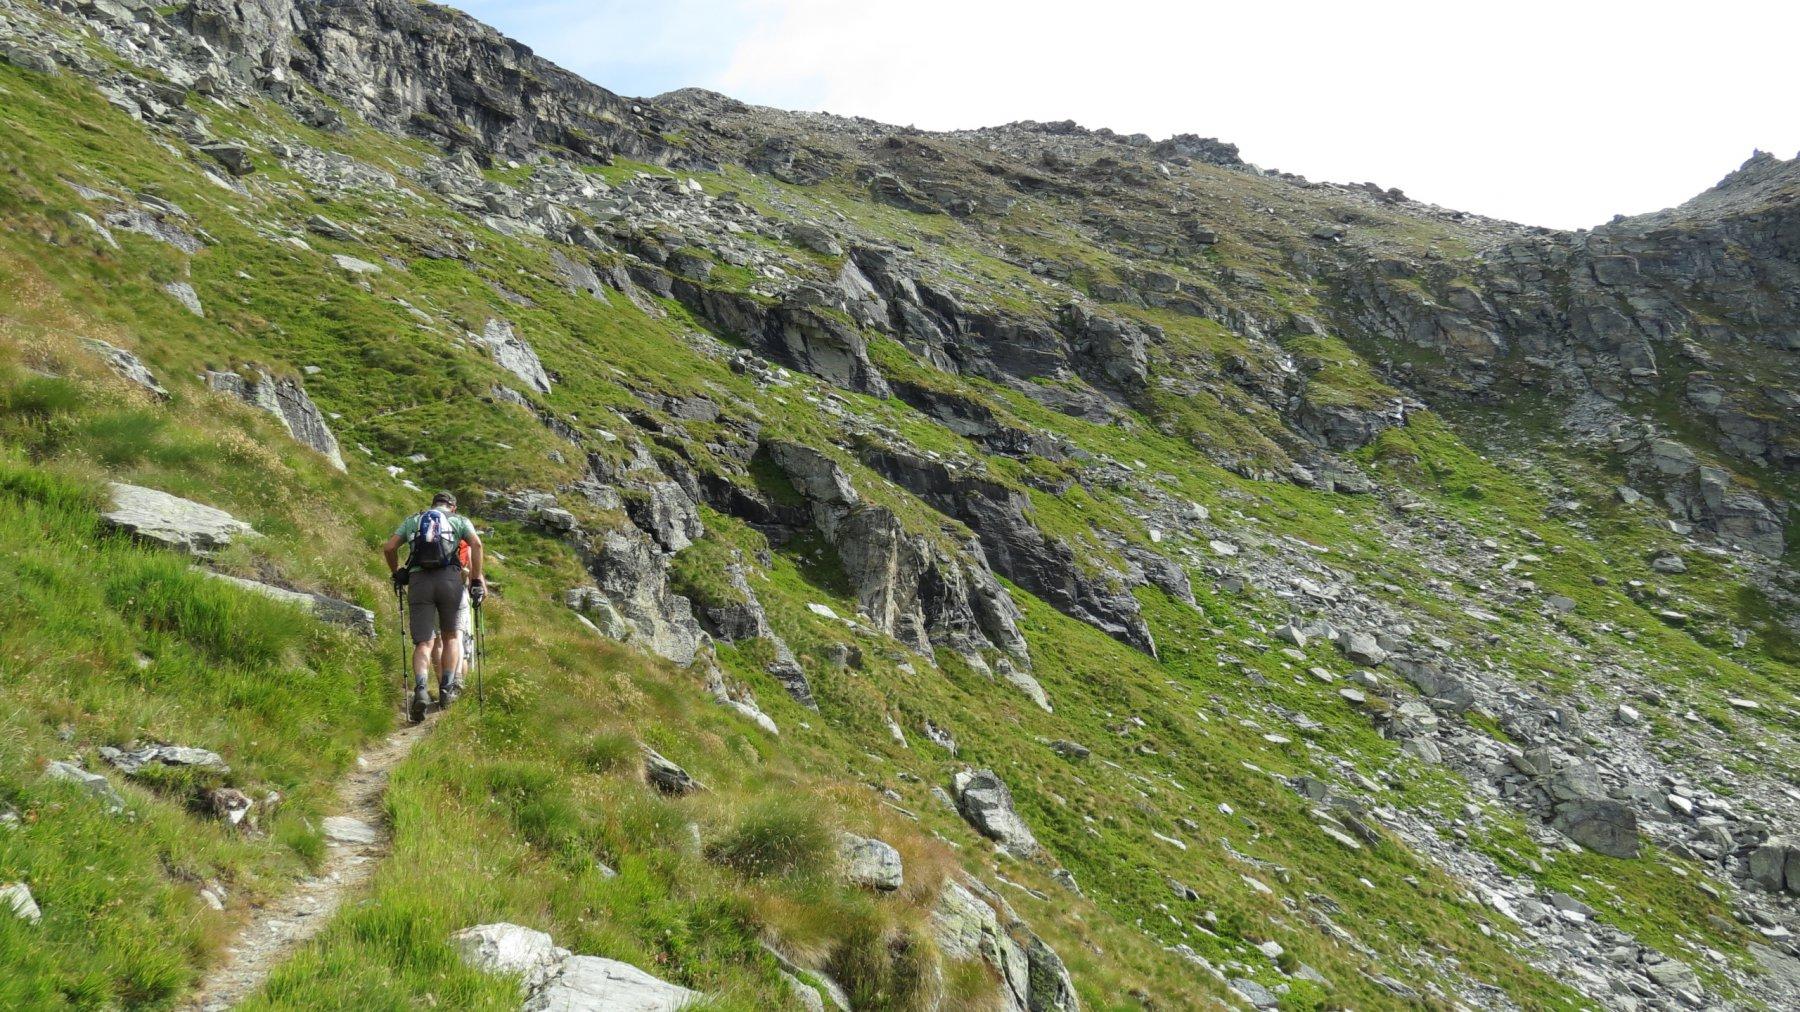 salendo verso il colletto di quota 2778 m sui pendii sopra il secondo lago di Valfredda